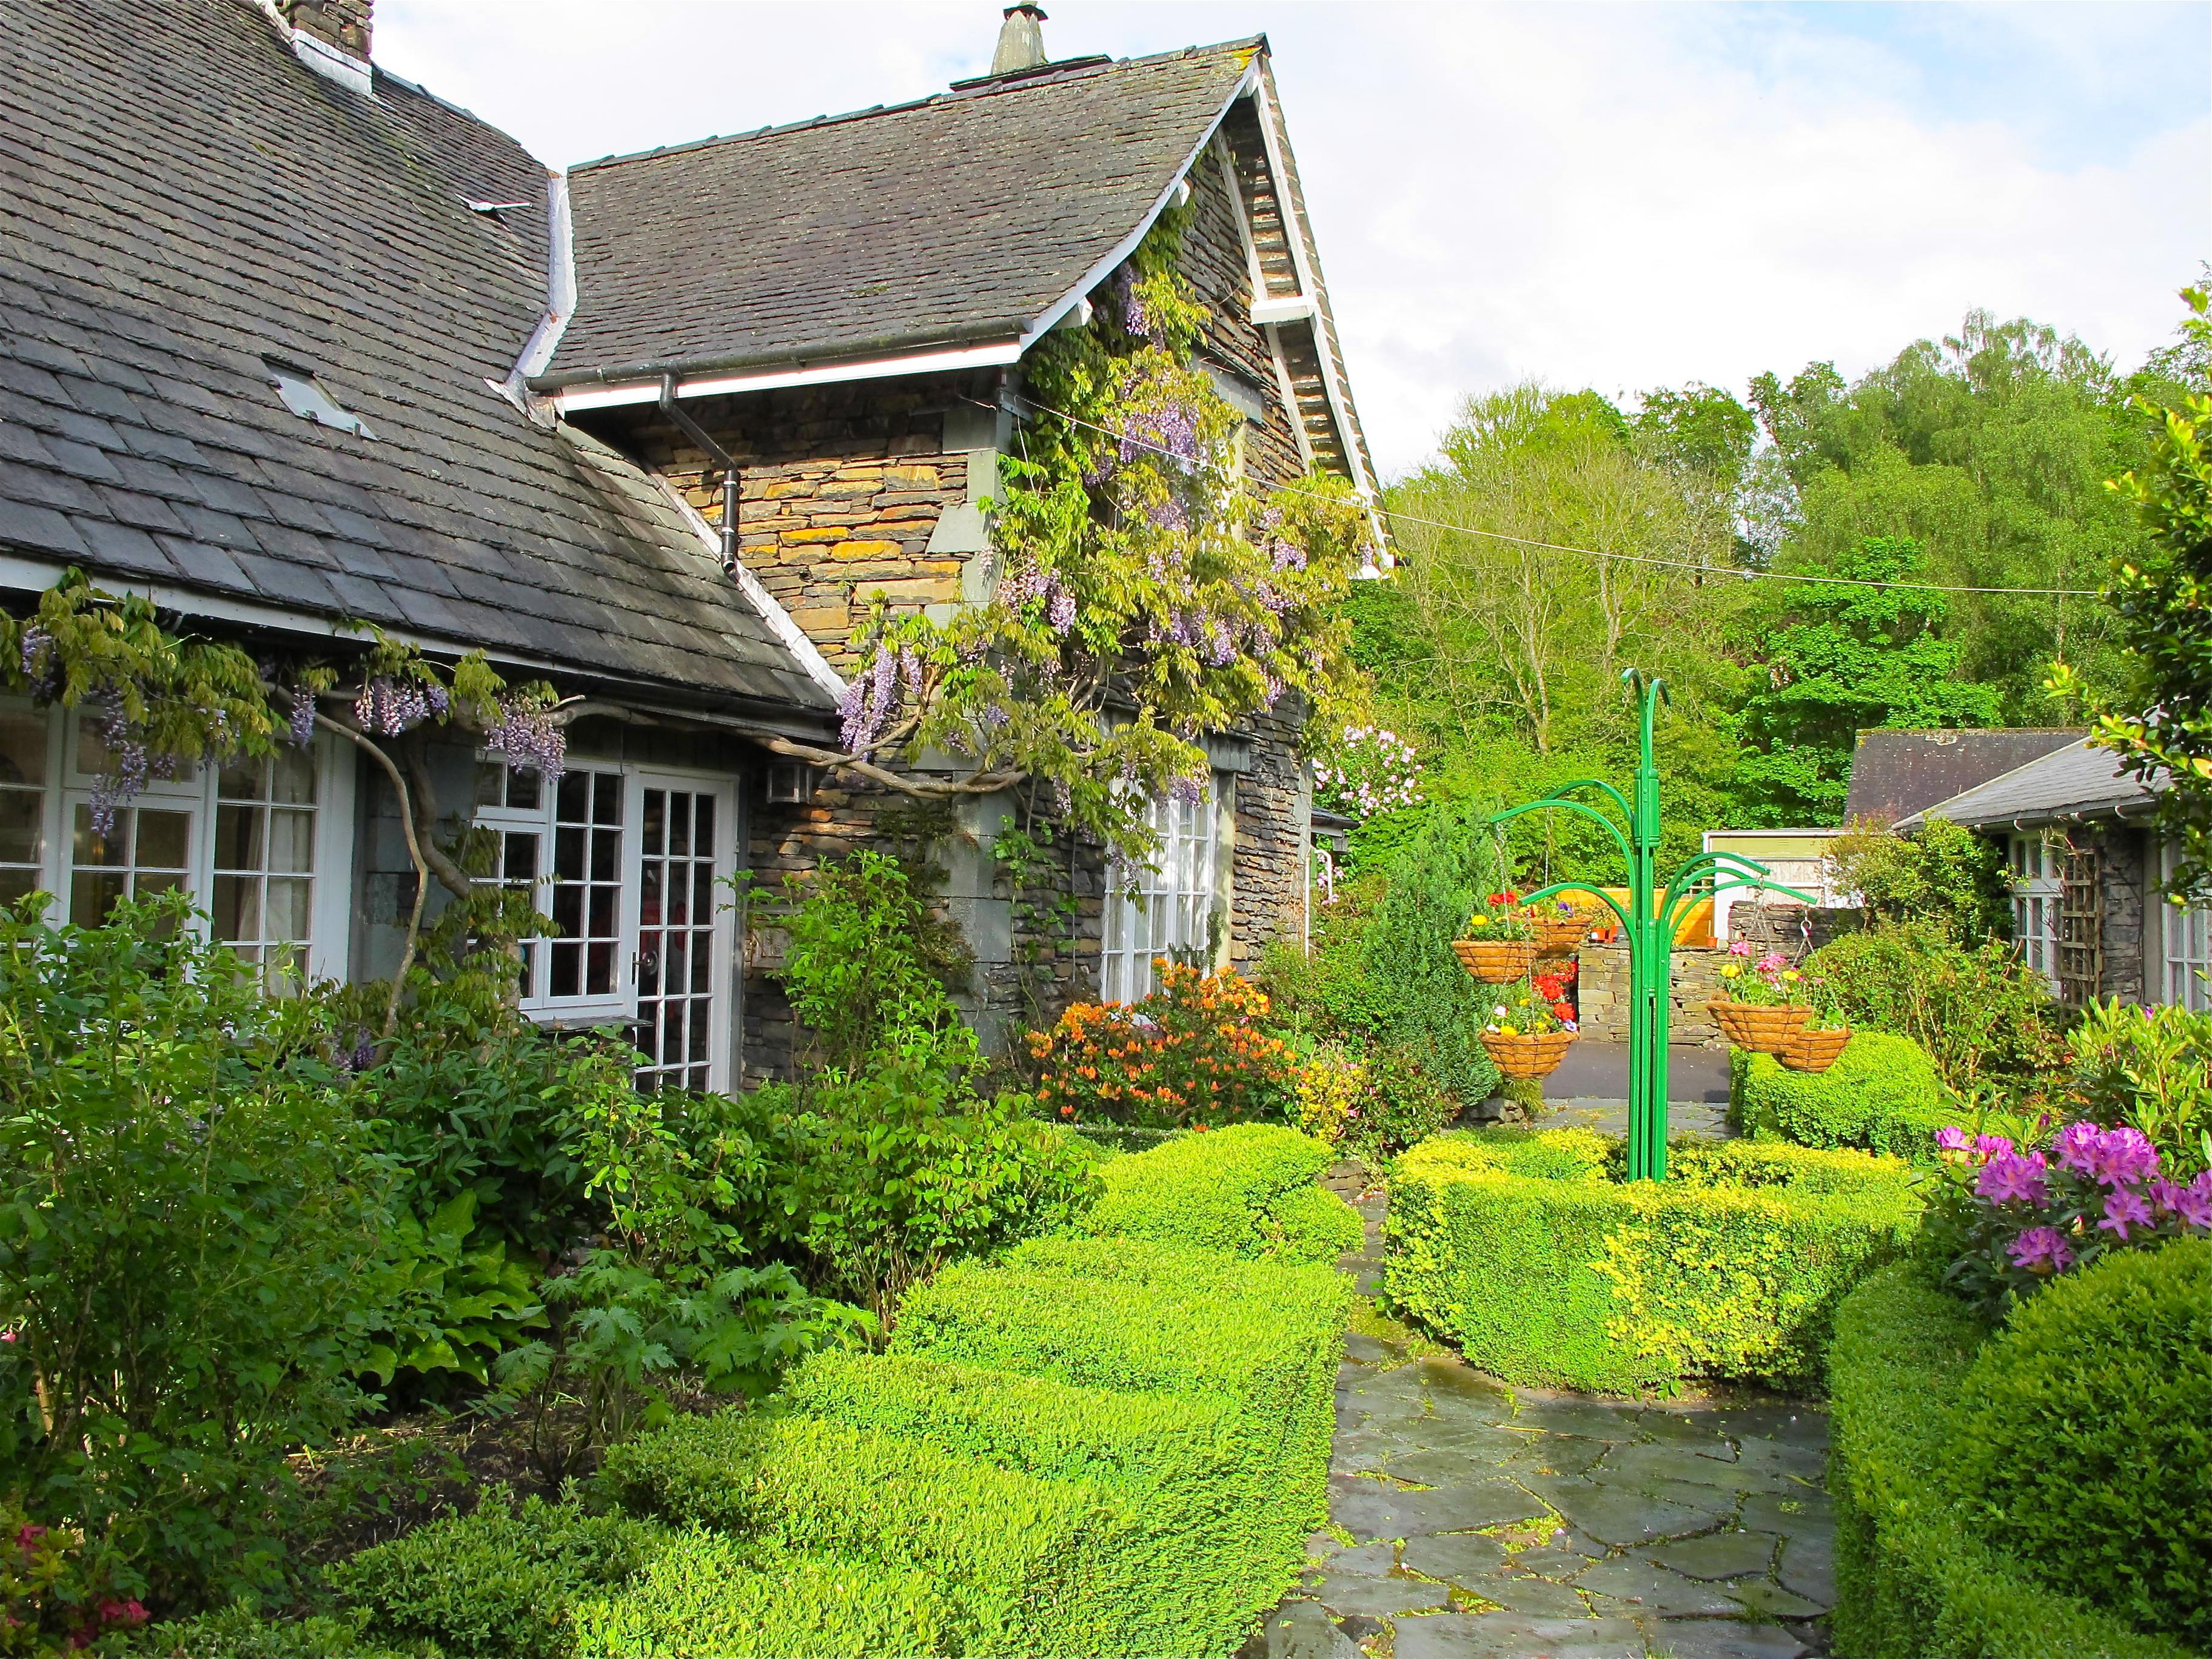 English country garden photos Cached